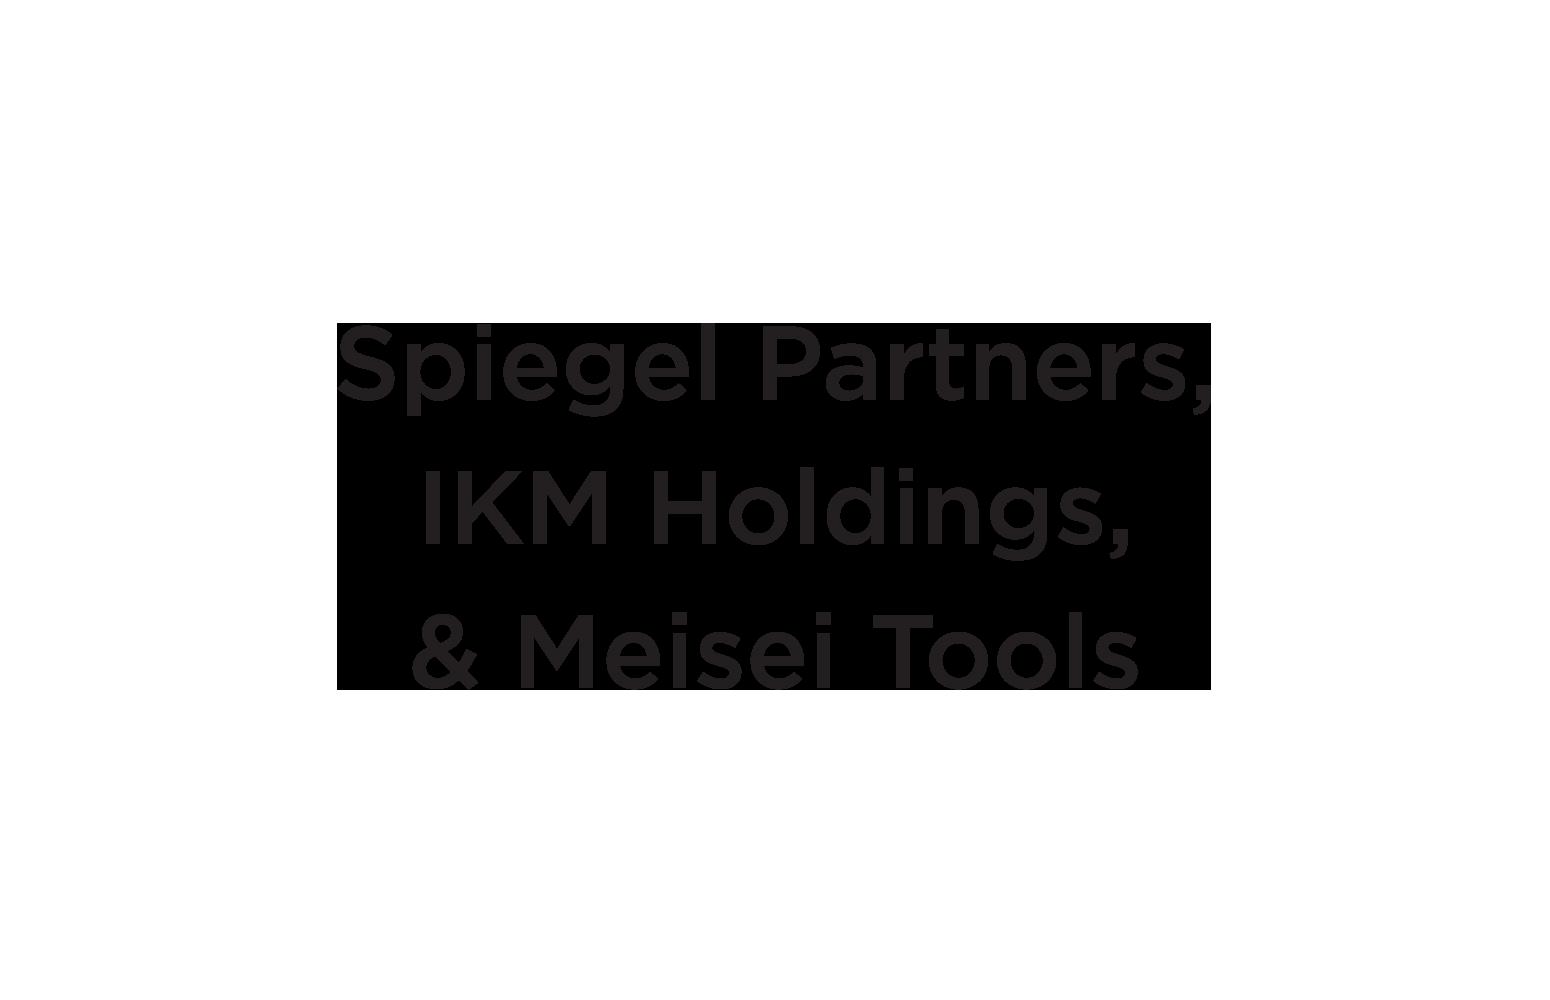 Spiegel Partners, IKM Holdings,  & Meisei Tools